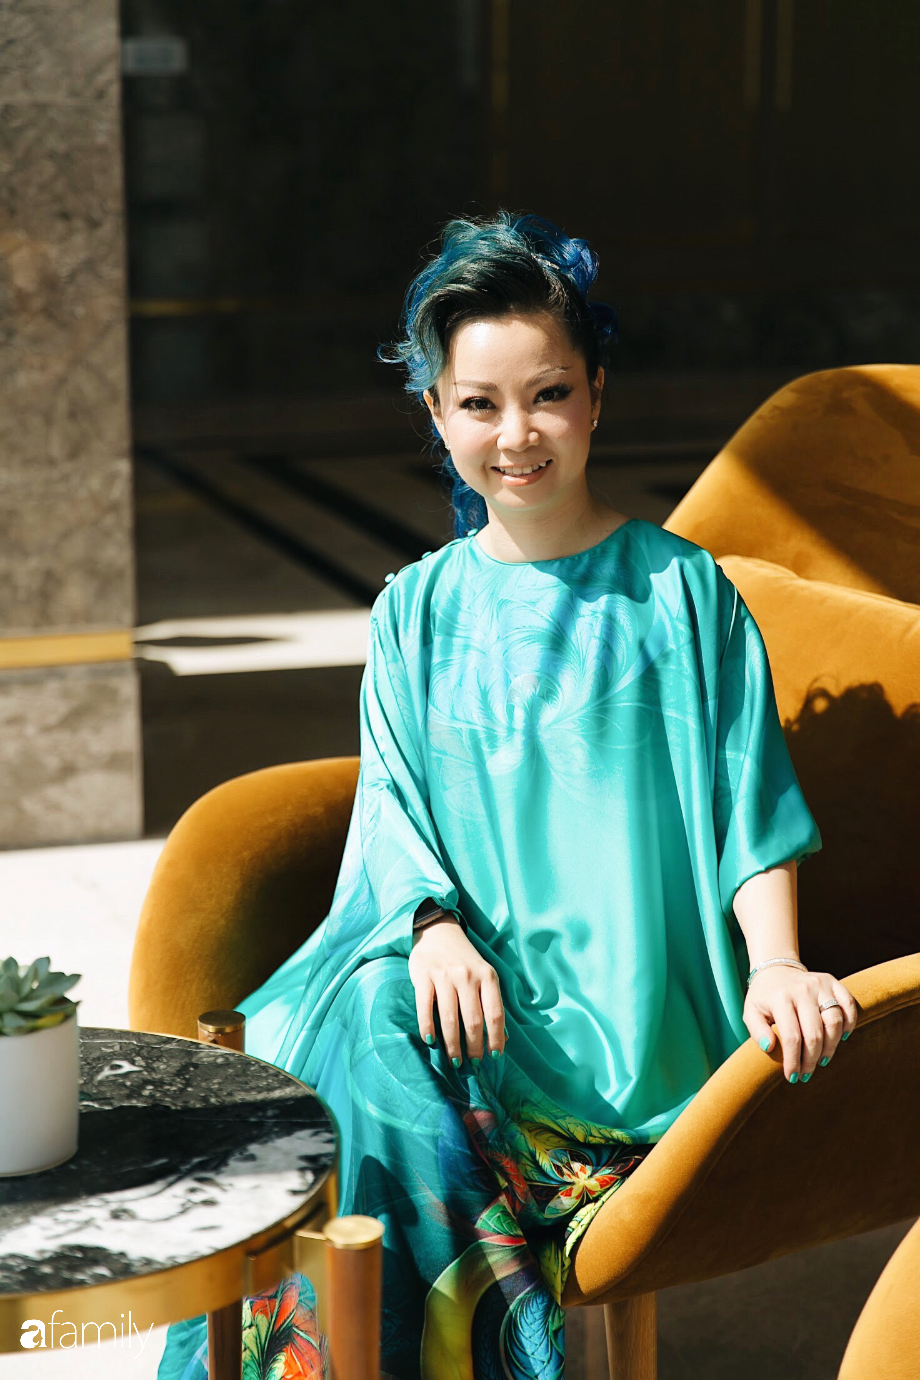 """Thanh Phan - Rời khỏi hãng mỹ phẩm quyền lực thế giới để biến thành """"phù thủy"""" trang điểm, người phụ nữ tự xây dựng cả đế chế làm đẹp của riêng mình - Ảnh 2."""